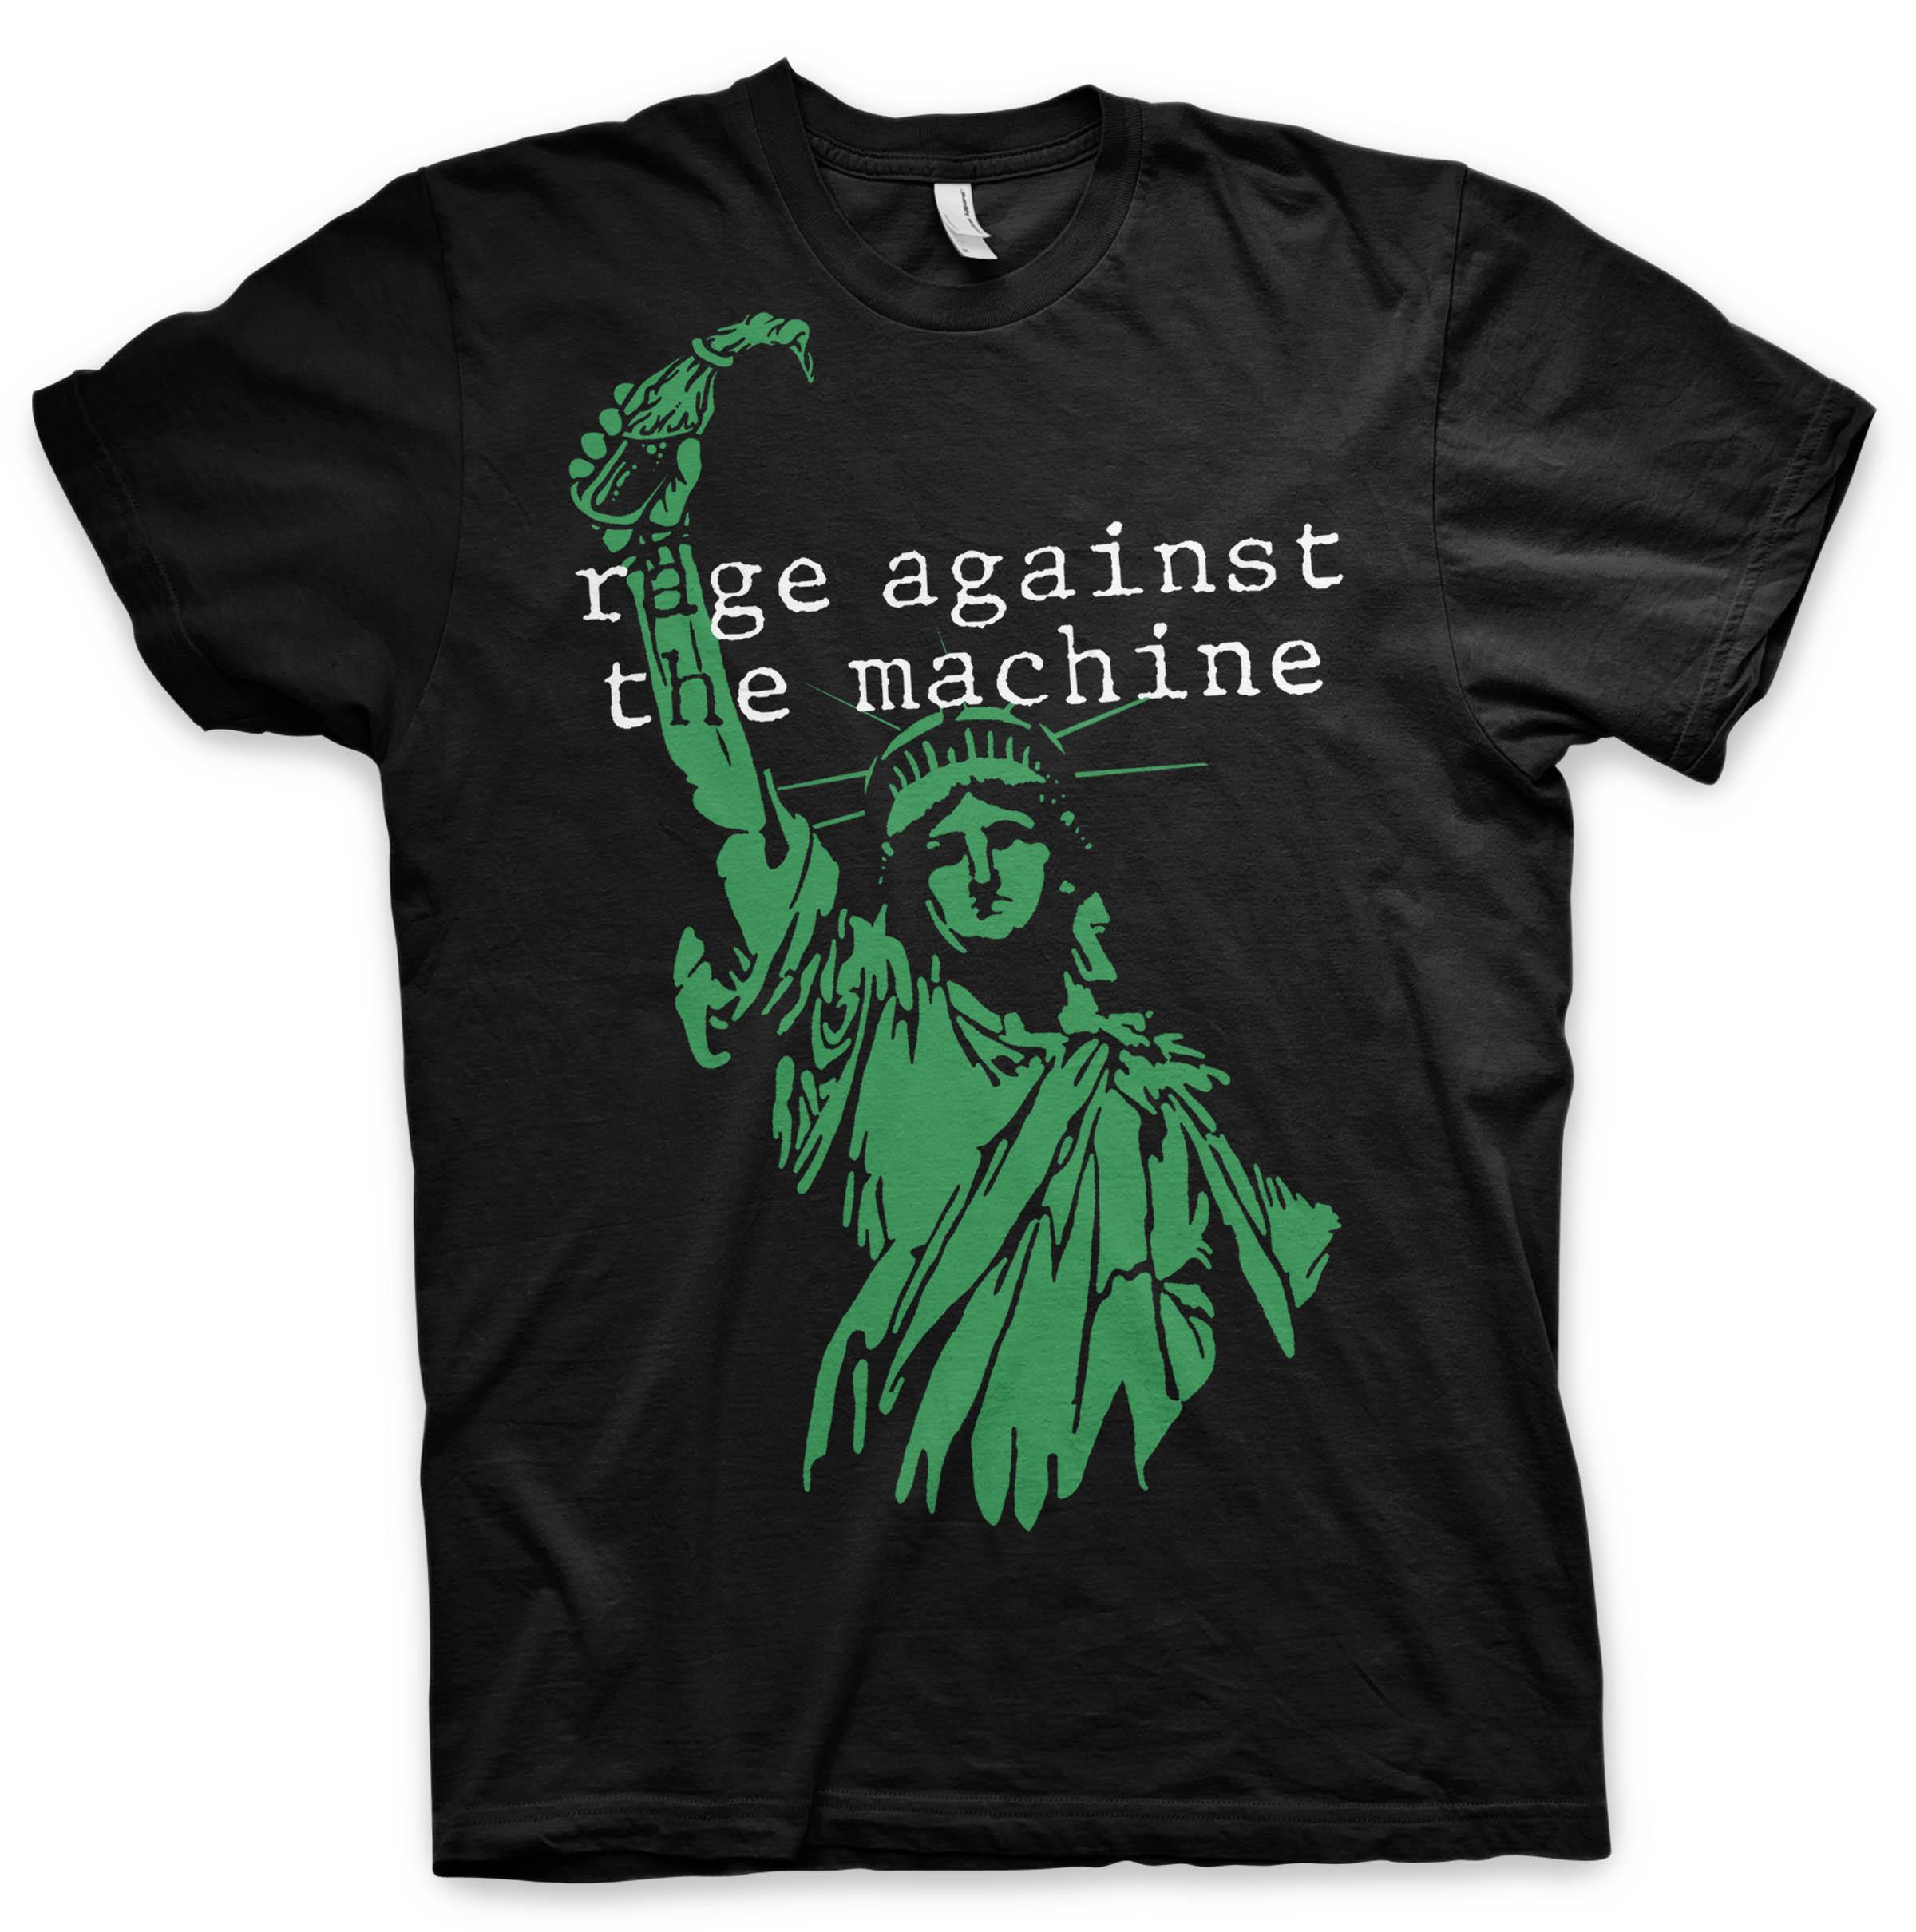 rage against the machine tshirts